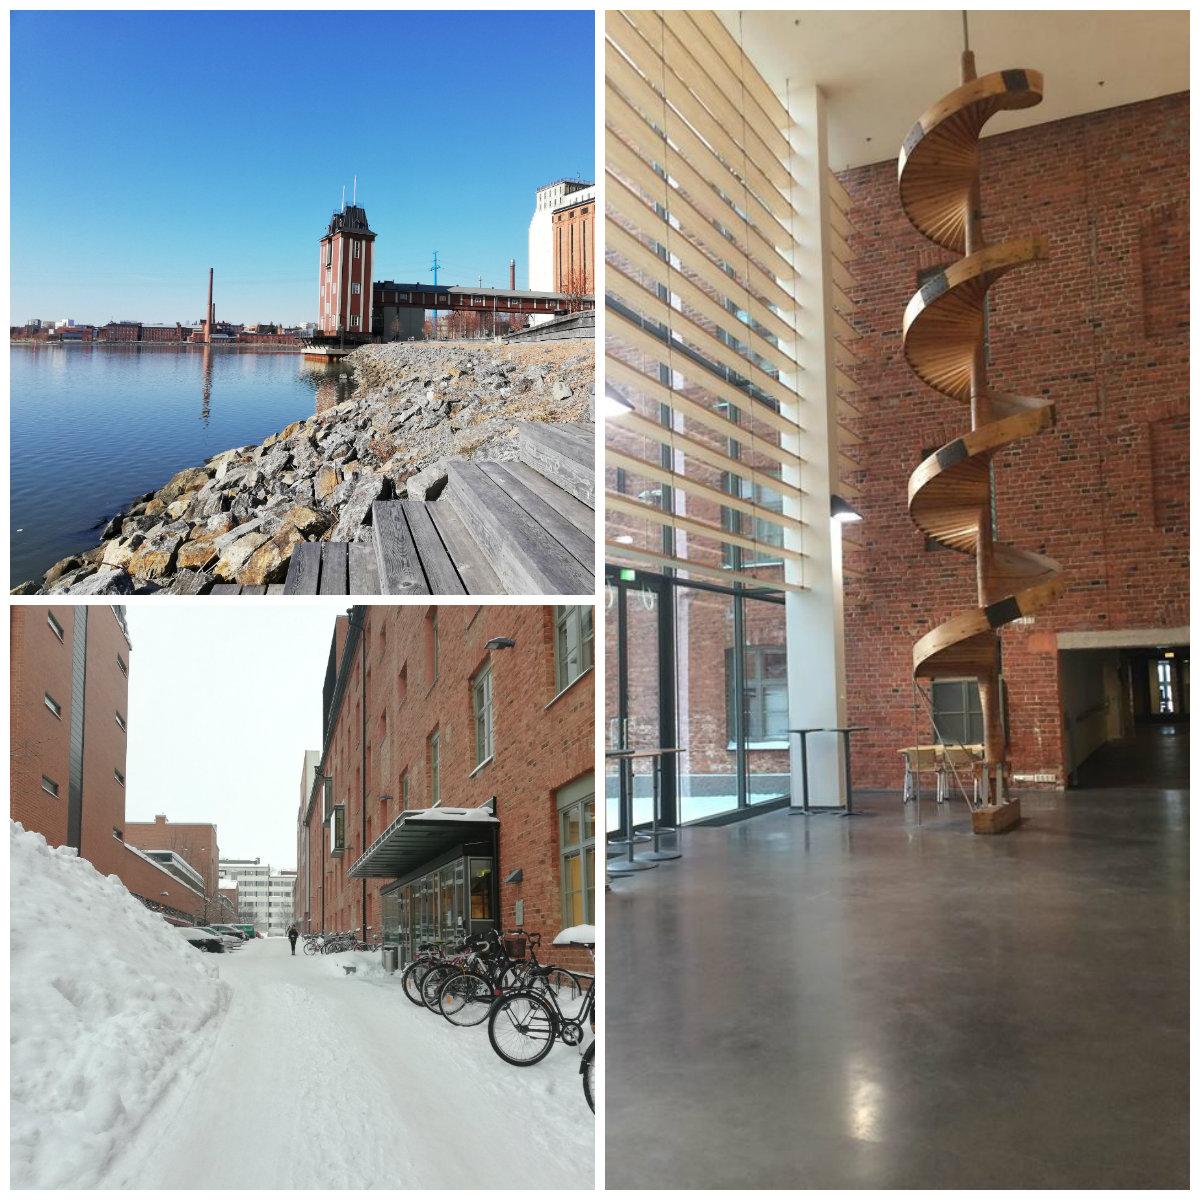 Åbo Akademi University v meste Vaasa- exteriér a interiér školy